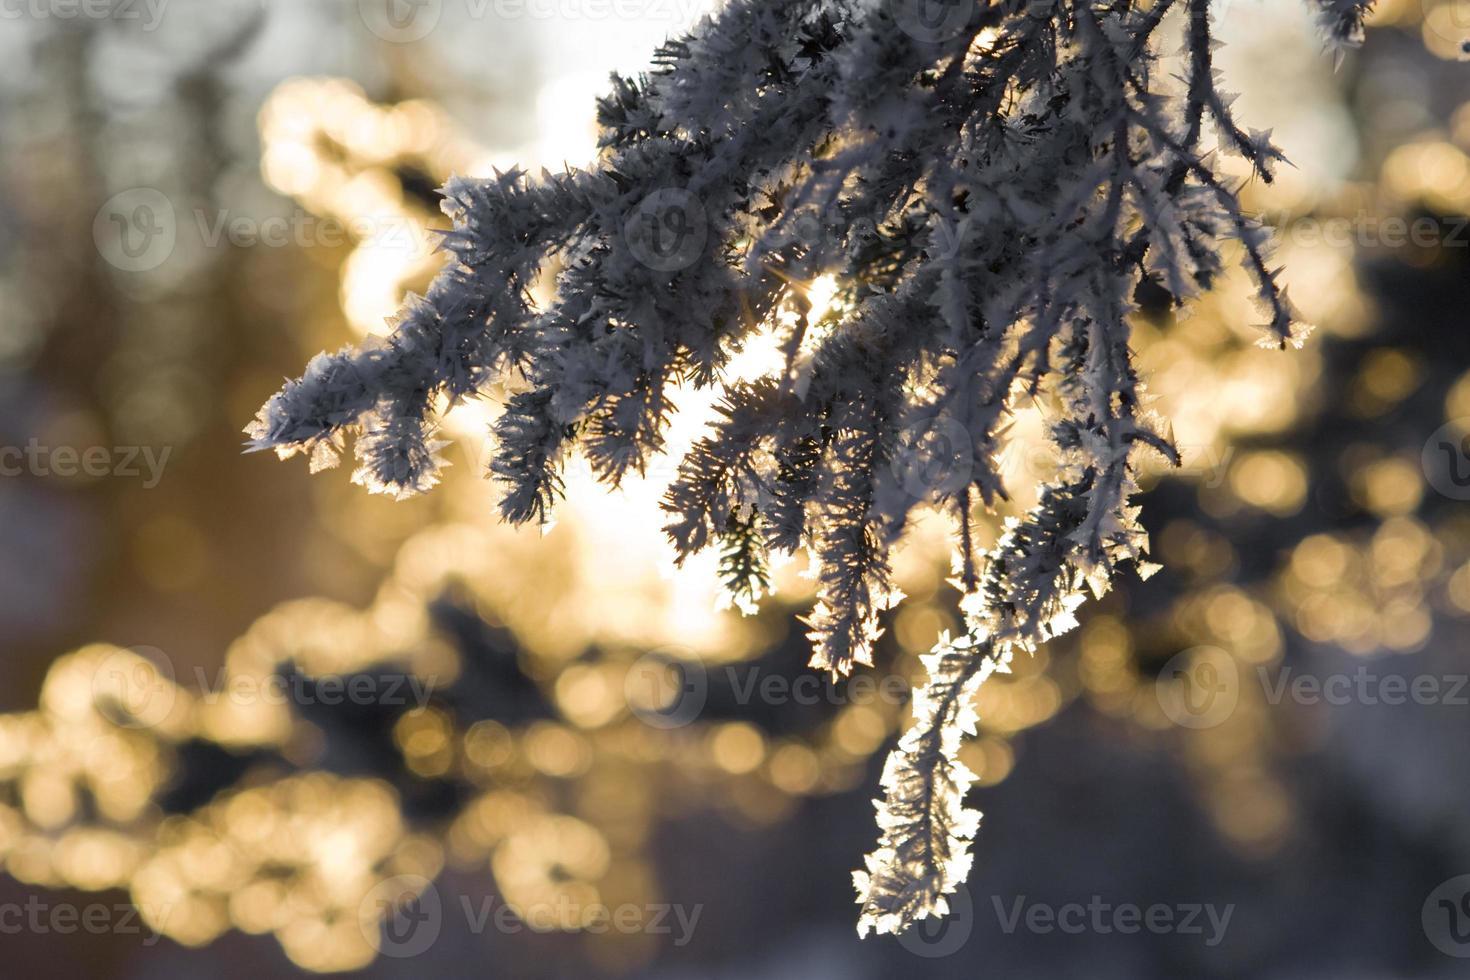 cristais de gelo do inverno no pinheiro congelado foto